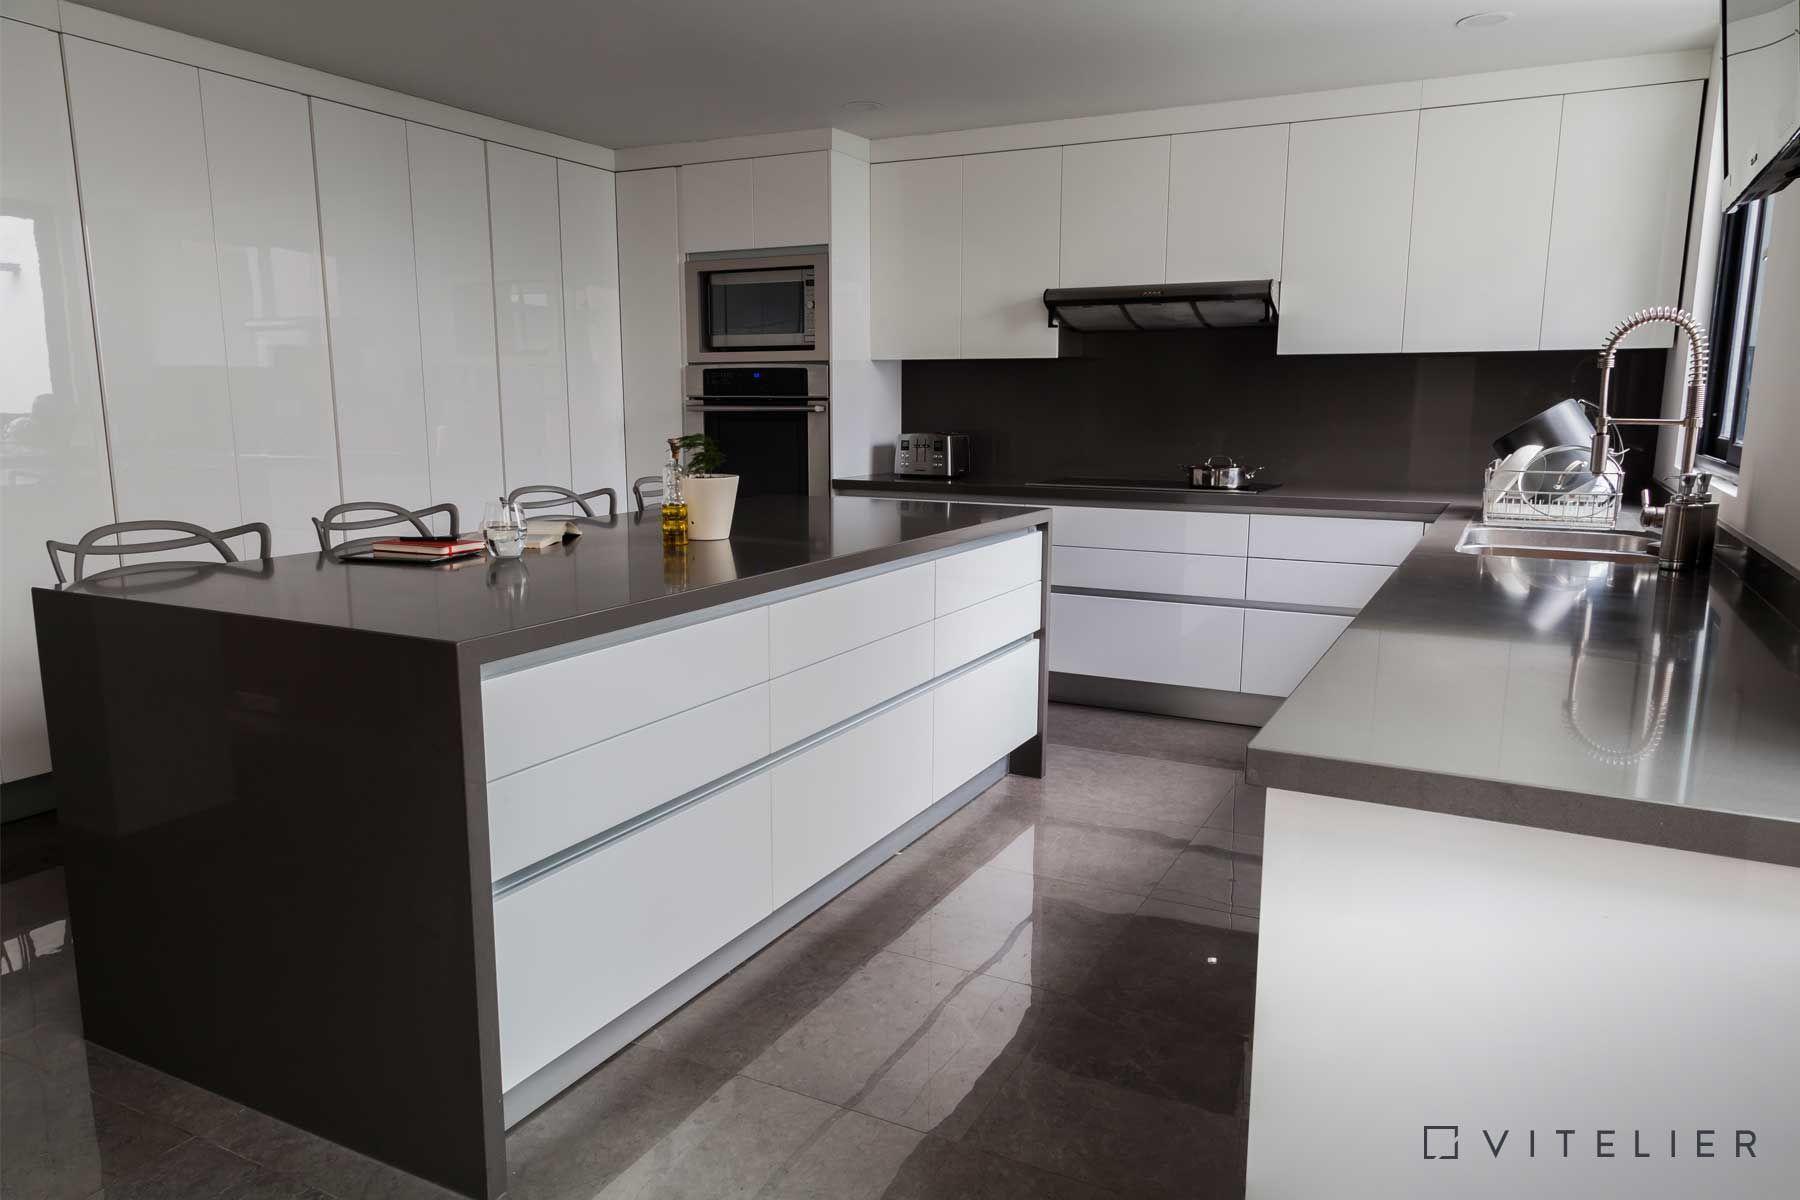 Cocina blanca con cubierta de cuarzo gris para lograr un